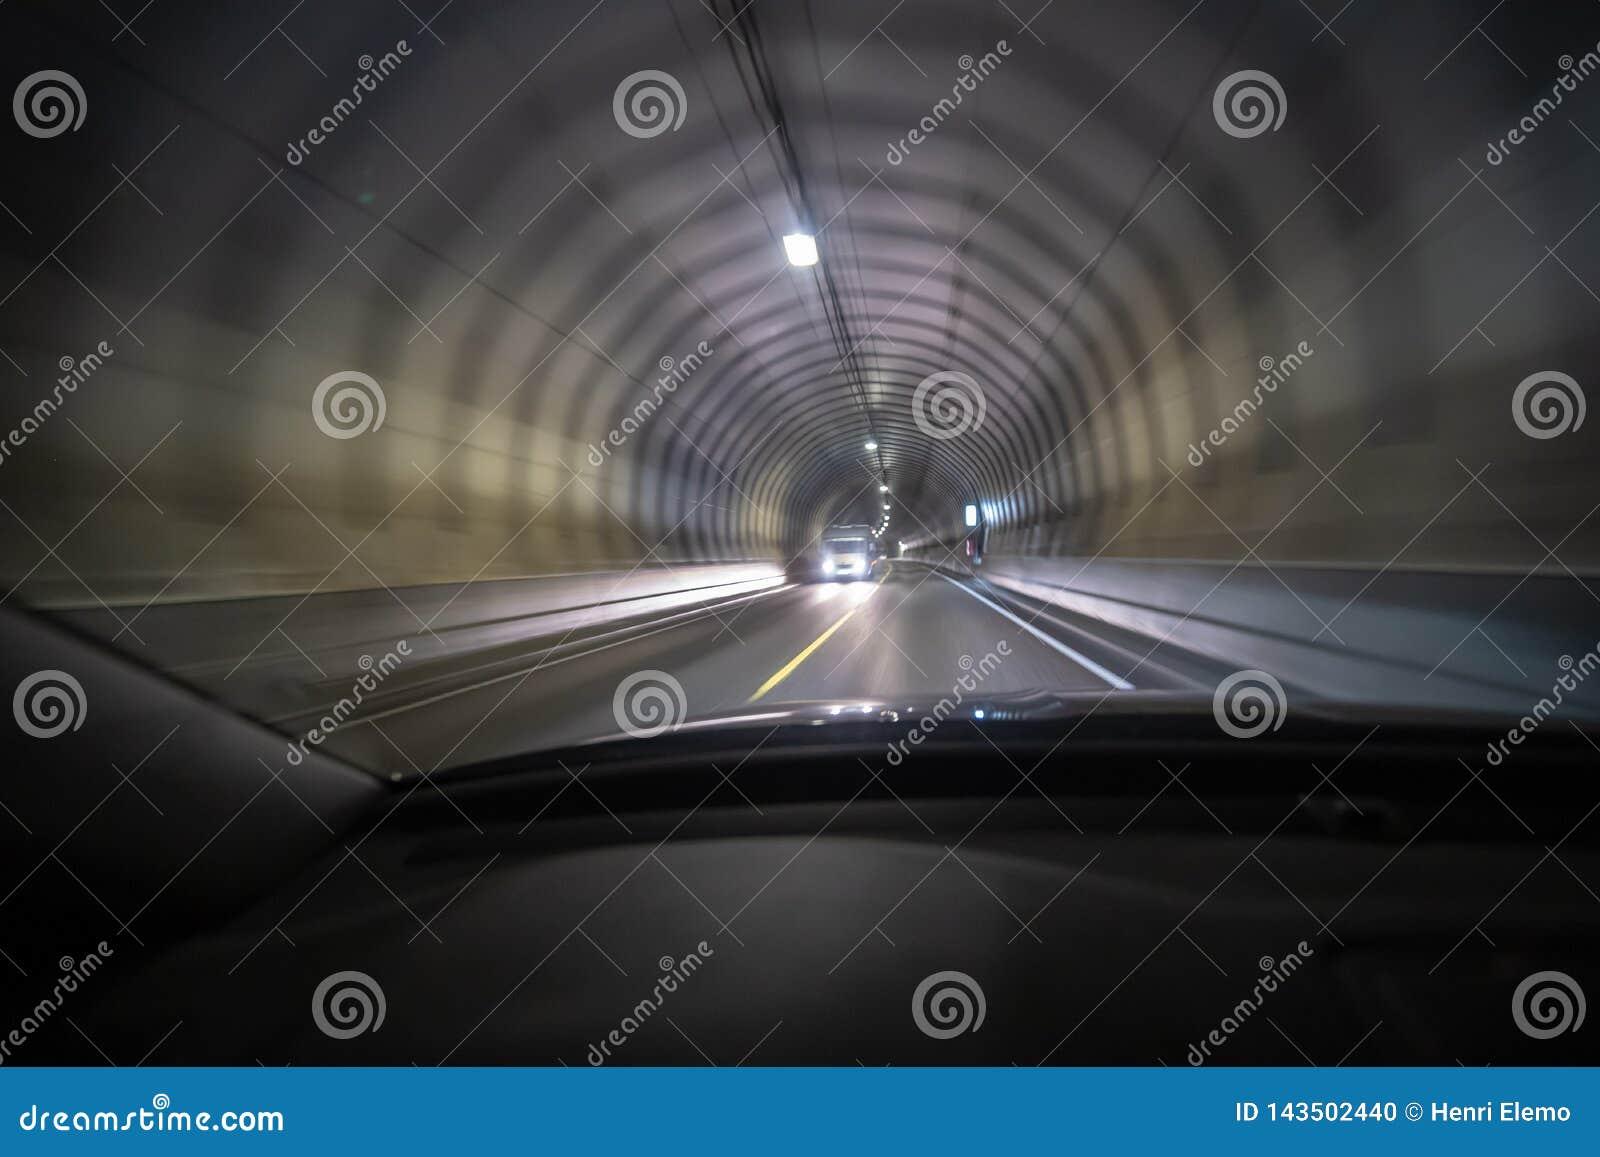 Η μακροχρόνια έκθεση που πυροβολείται της σήραγγας σε Lofoten από μέσα από ένα αυτοκίνητο που κινούνται έτσι το φως δημιουργεί τη